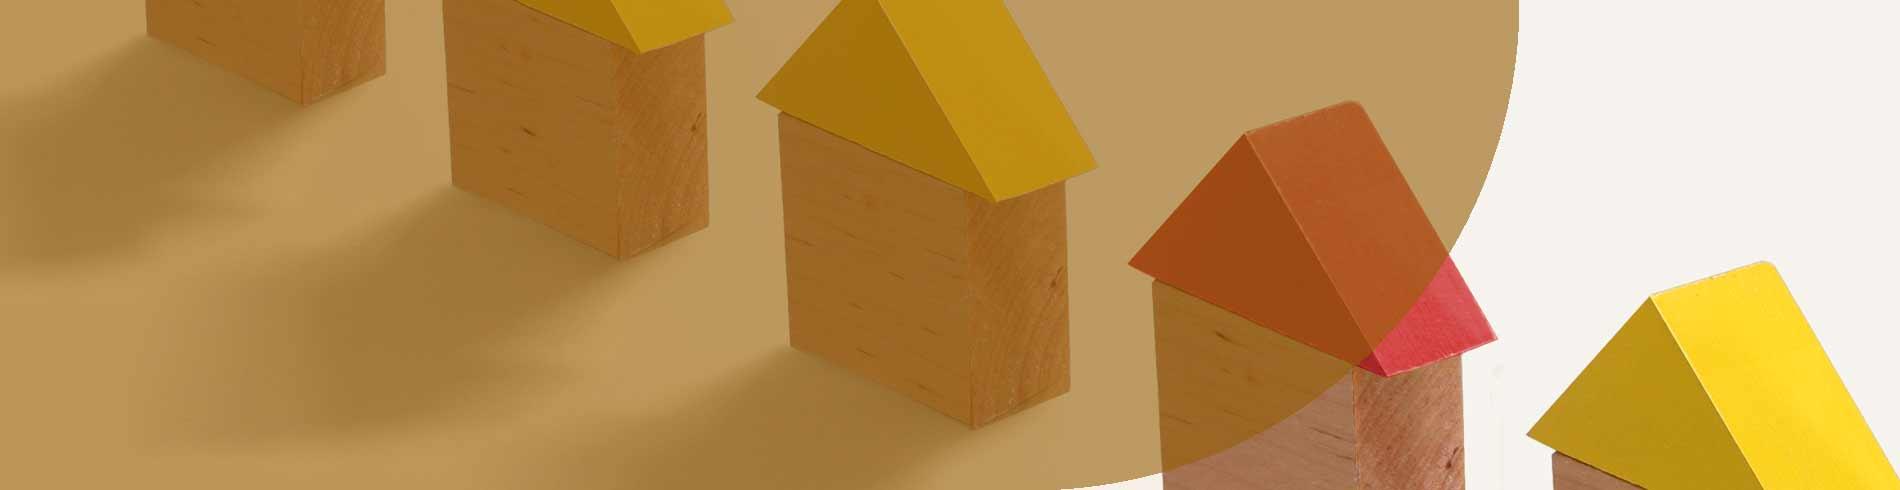 assegurança de vida hipoteca